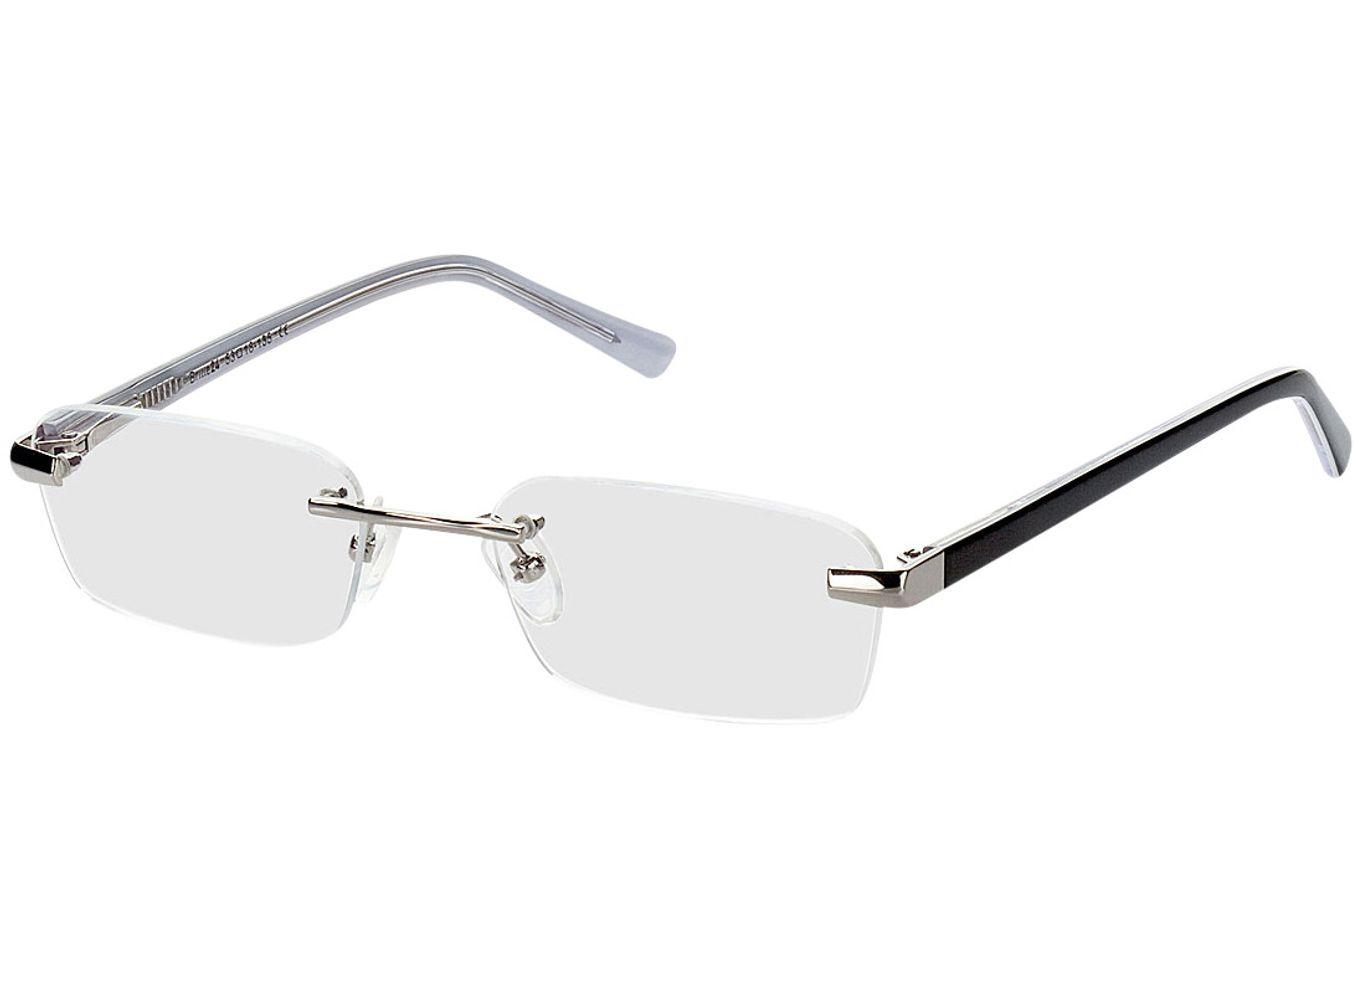 4842-singlevision-0000 Bristol-silber/schwarz Gleitsichtbrille, Randlos, Dünn Brille24 Collection